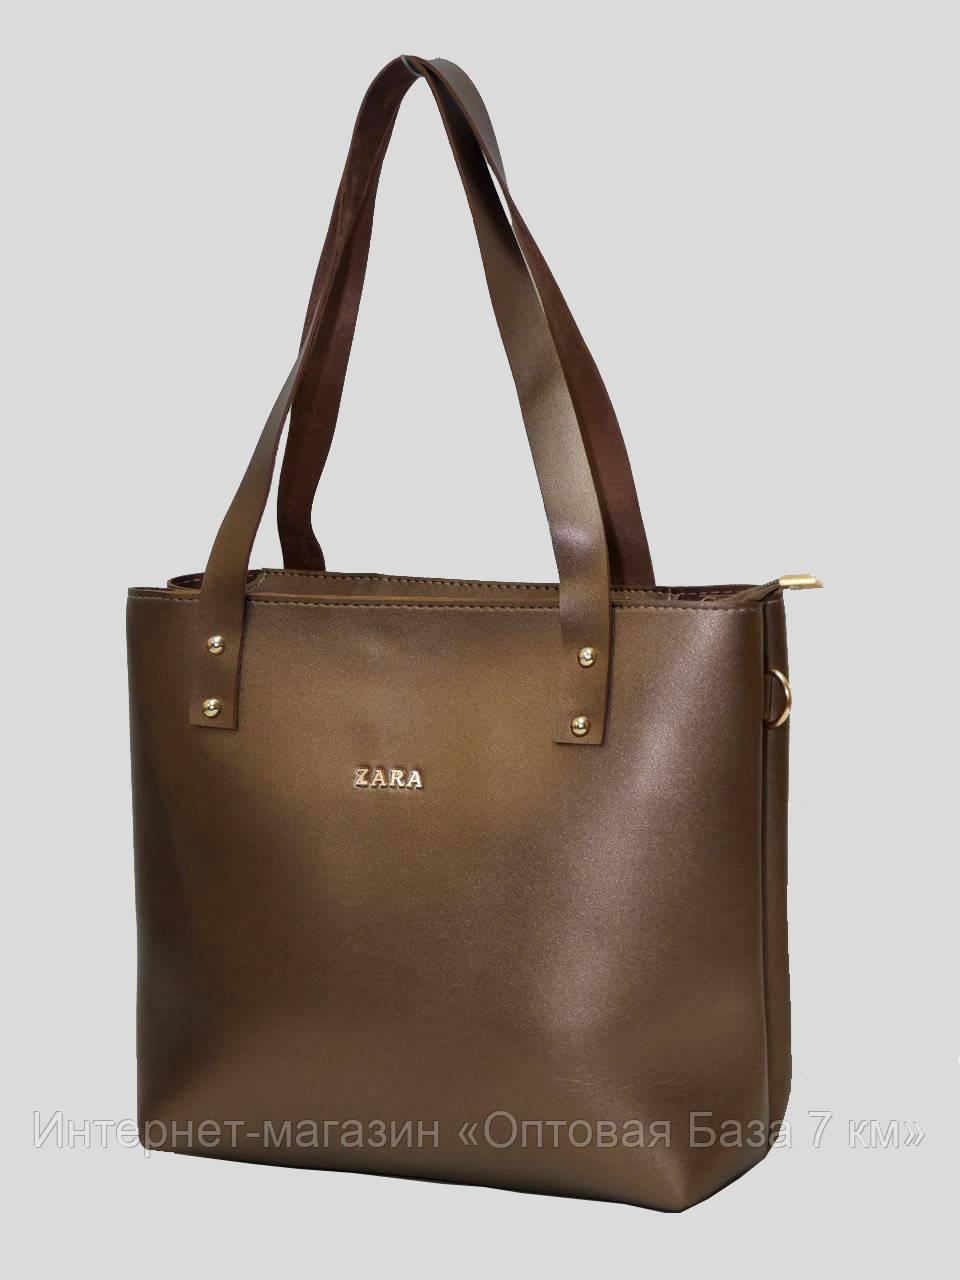 6441765a3eea Женская сумка